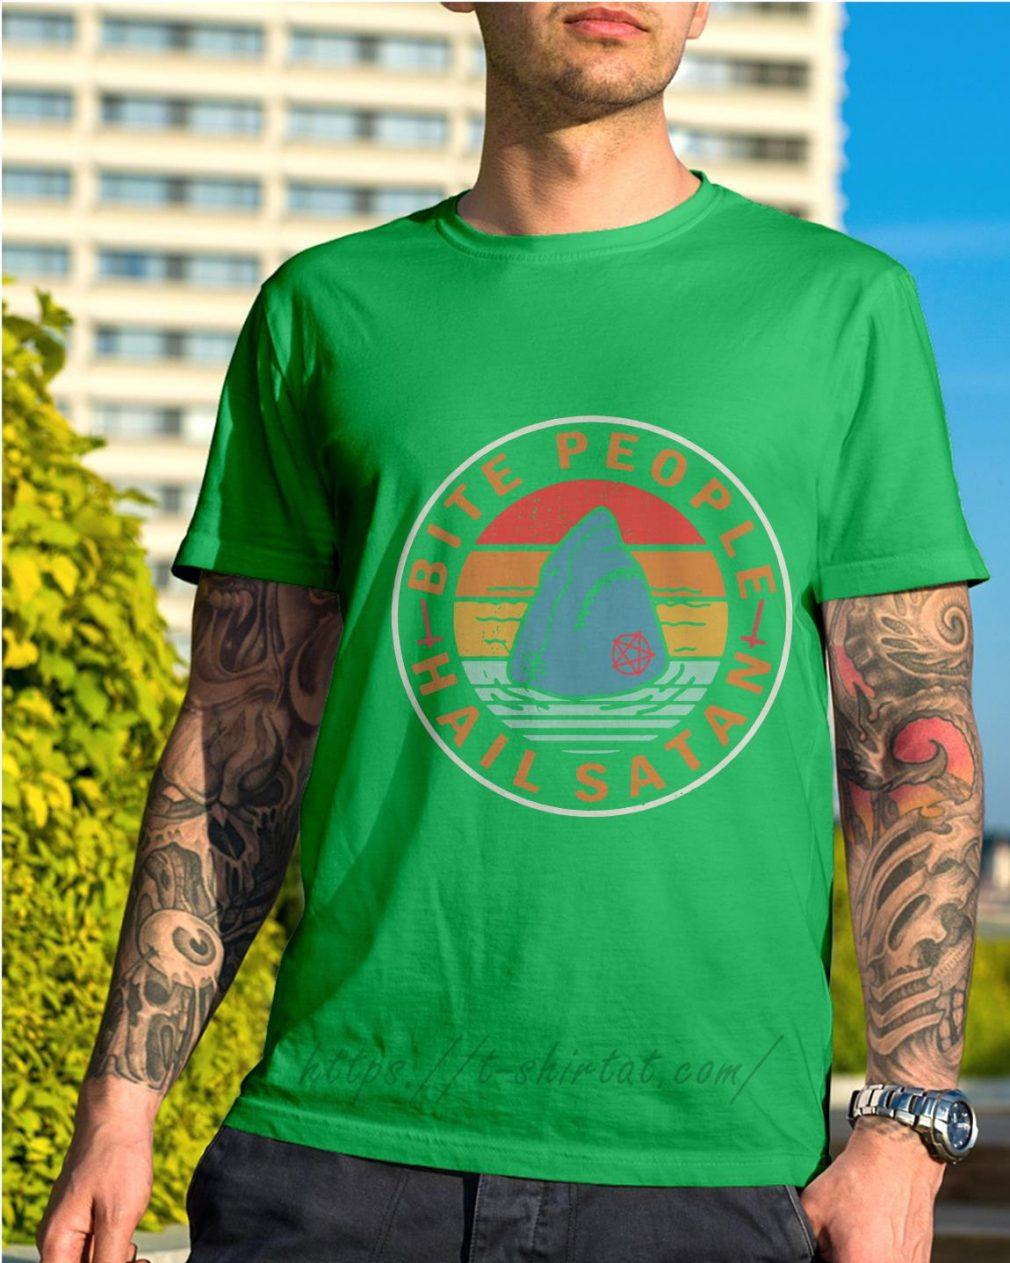 Shark bite people hail satan vintage Shirt green